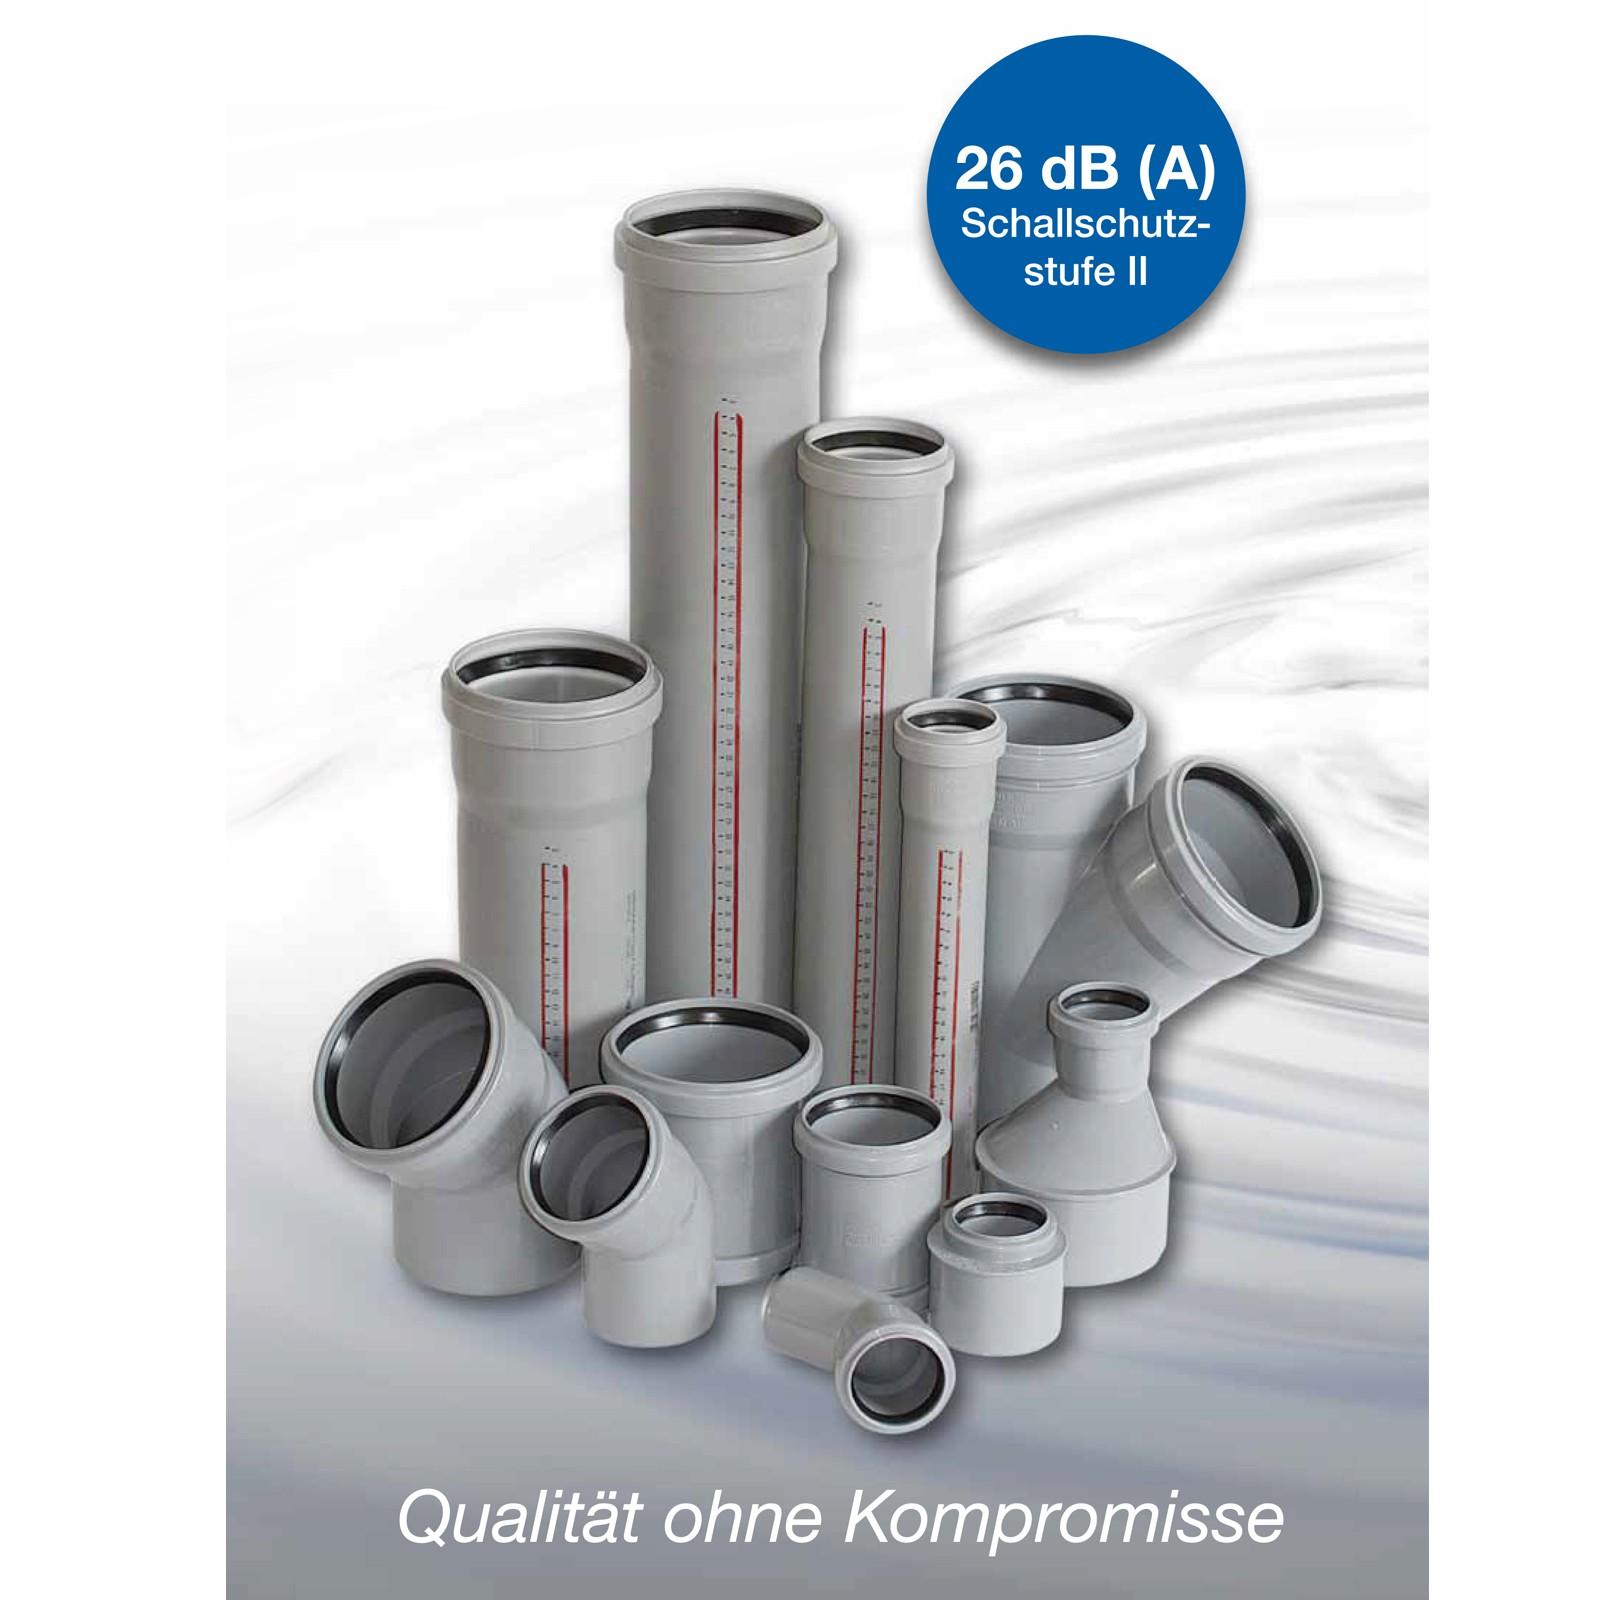 Abwasserrohre Kunststoff Preise mm Kunststoff Abwasserrohr